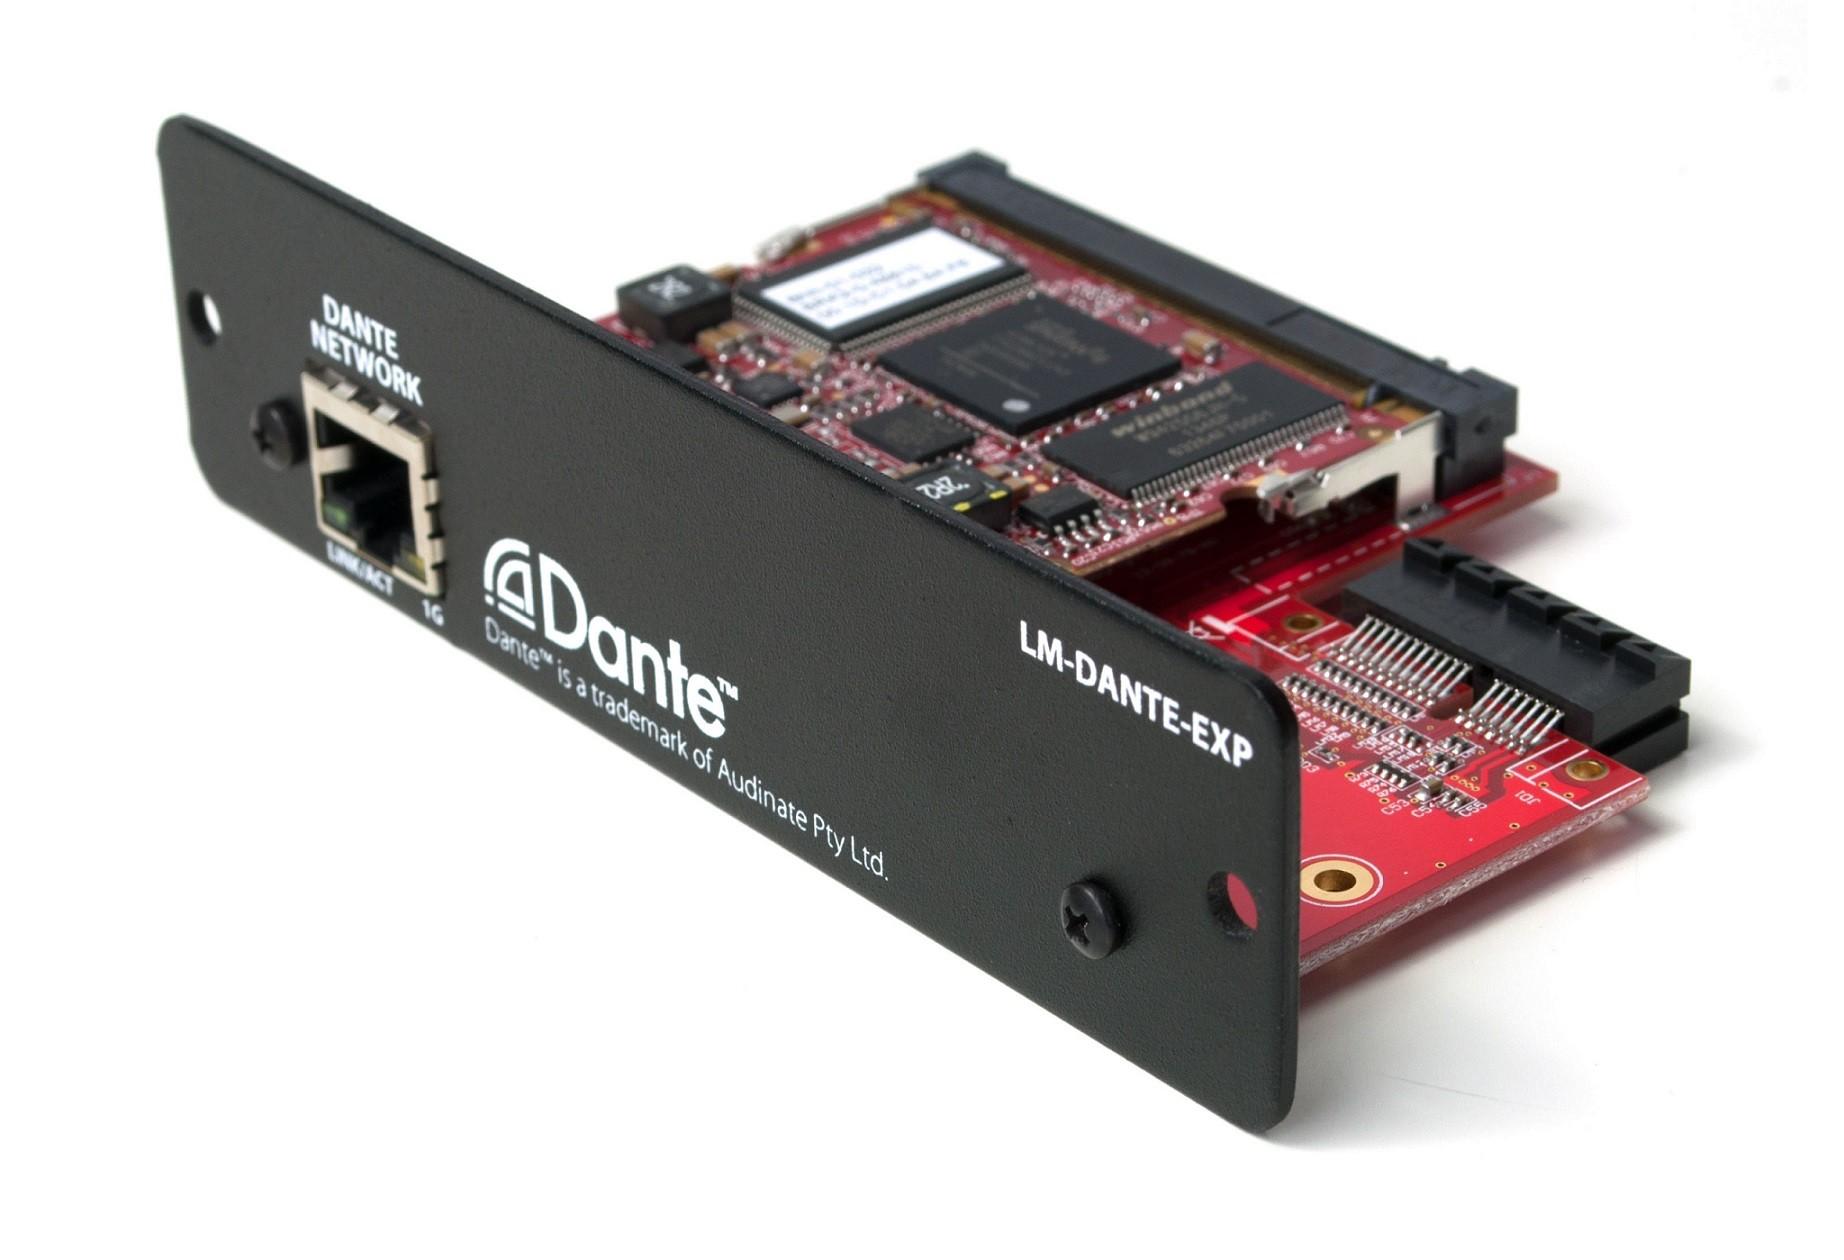 Interface Placa Com Conexão Dante - Lm-Dante-Exp - Livemix